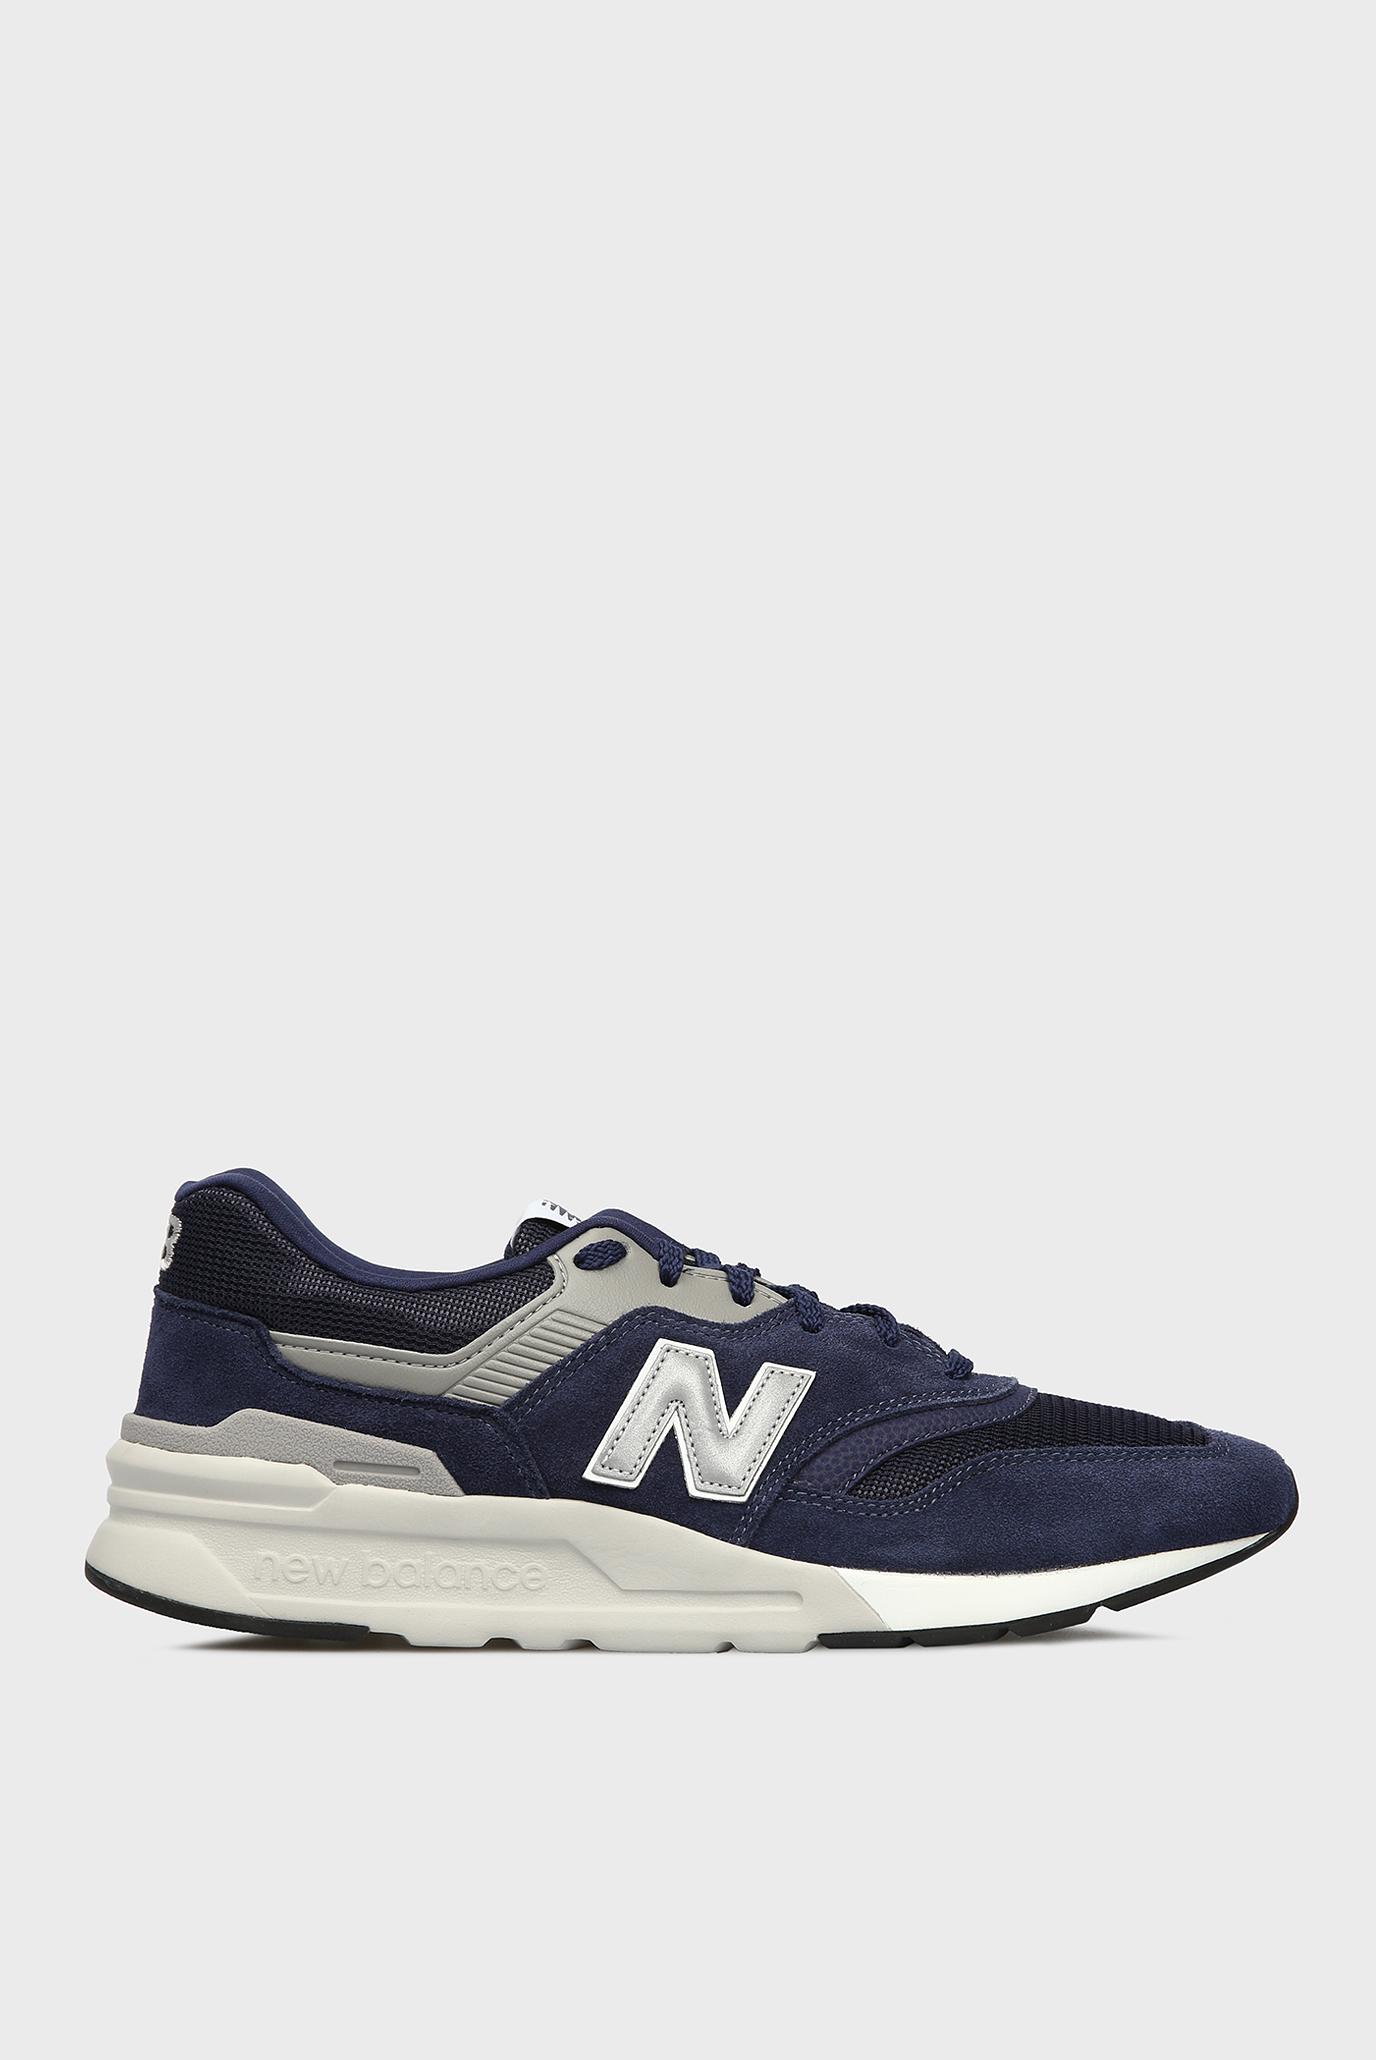 Купить Мужские синие кроссовки 997H New Balance New Balance CM997HCE – Киев 8a776ad9da952